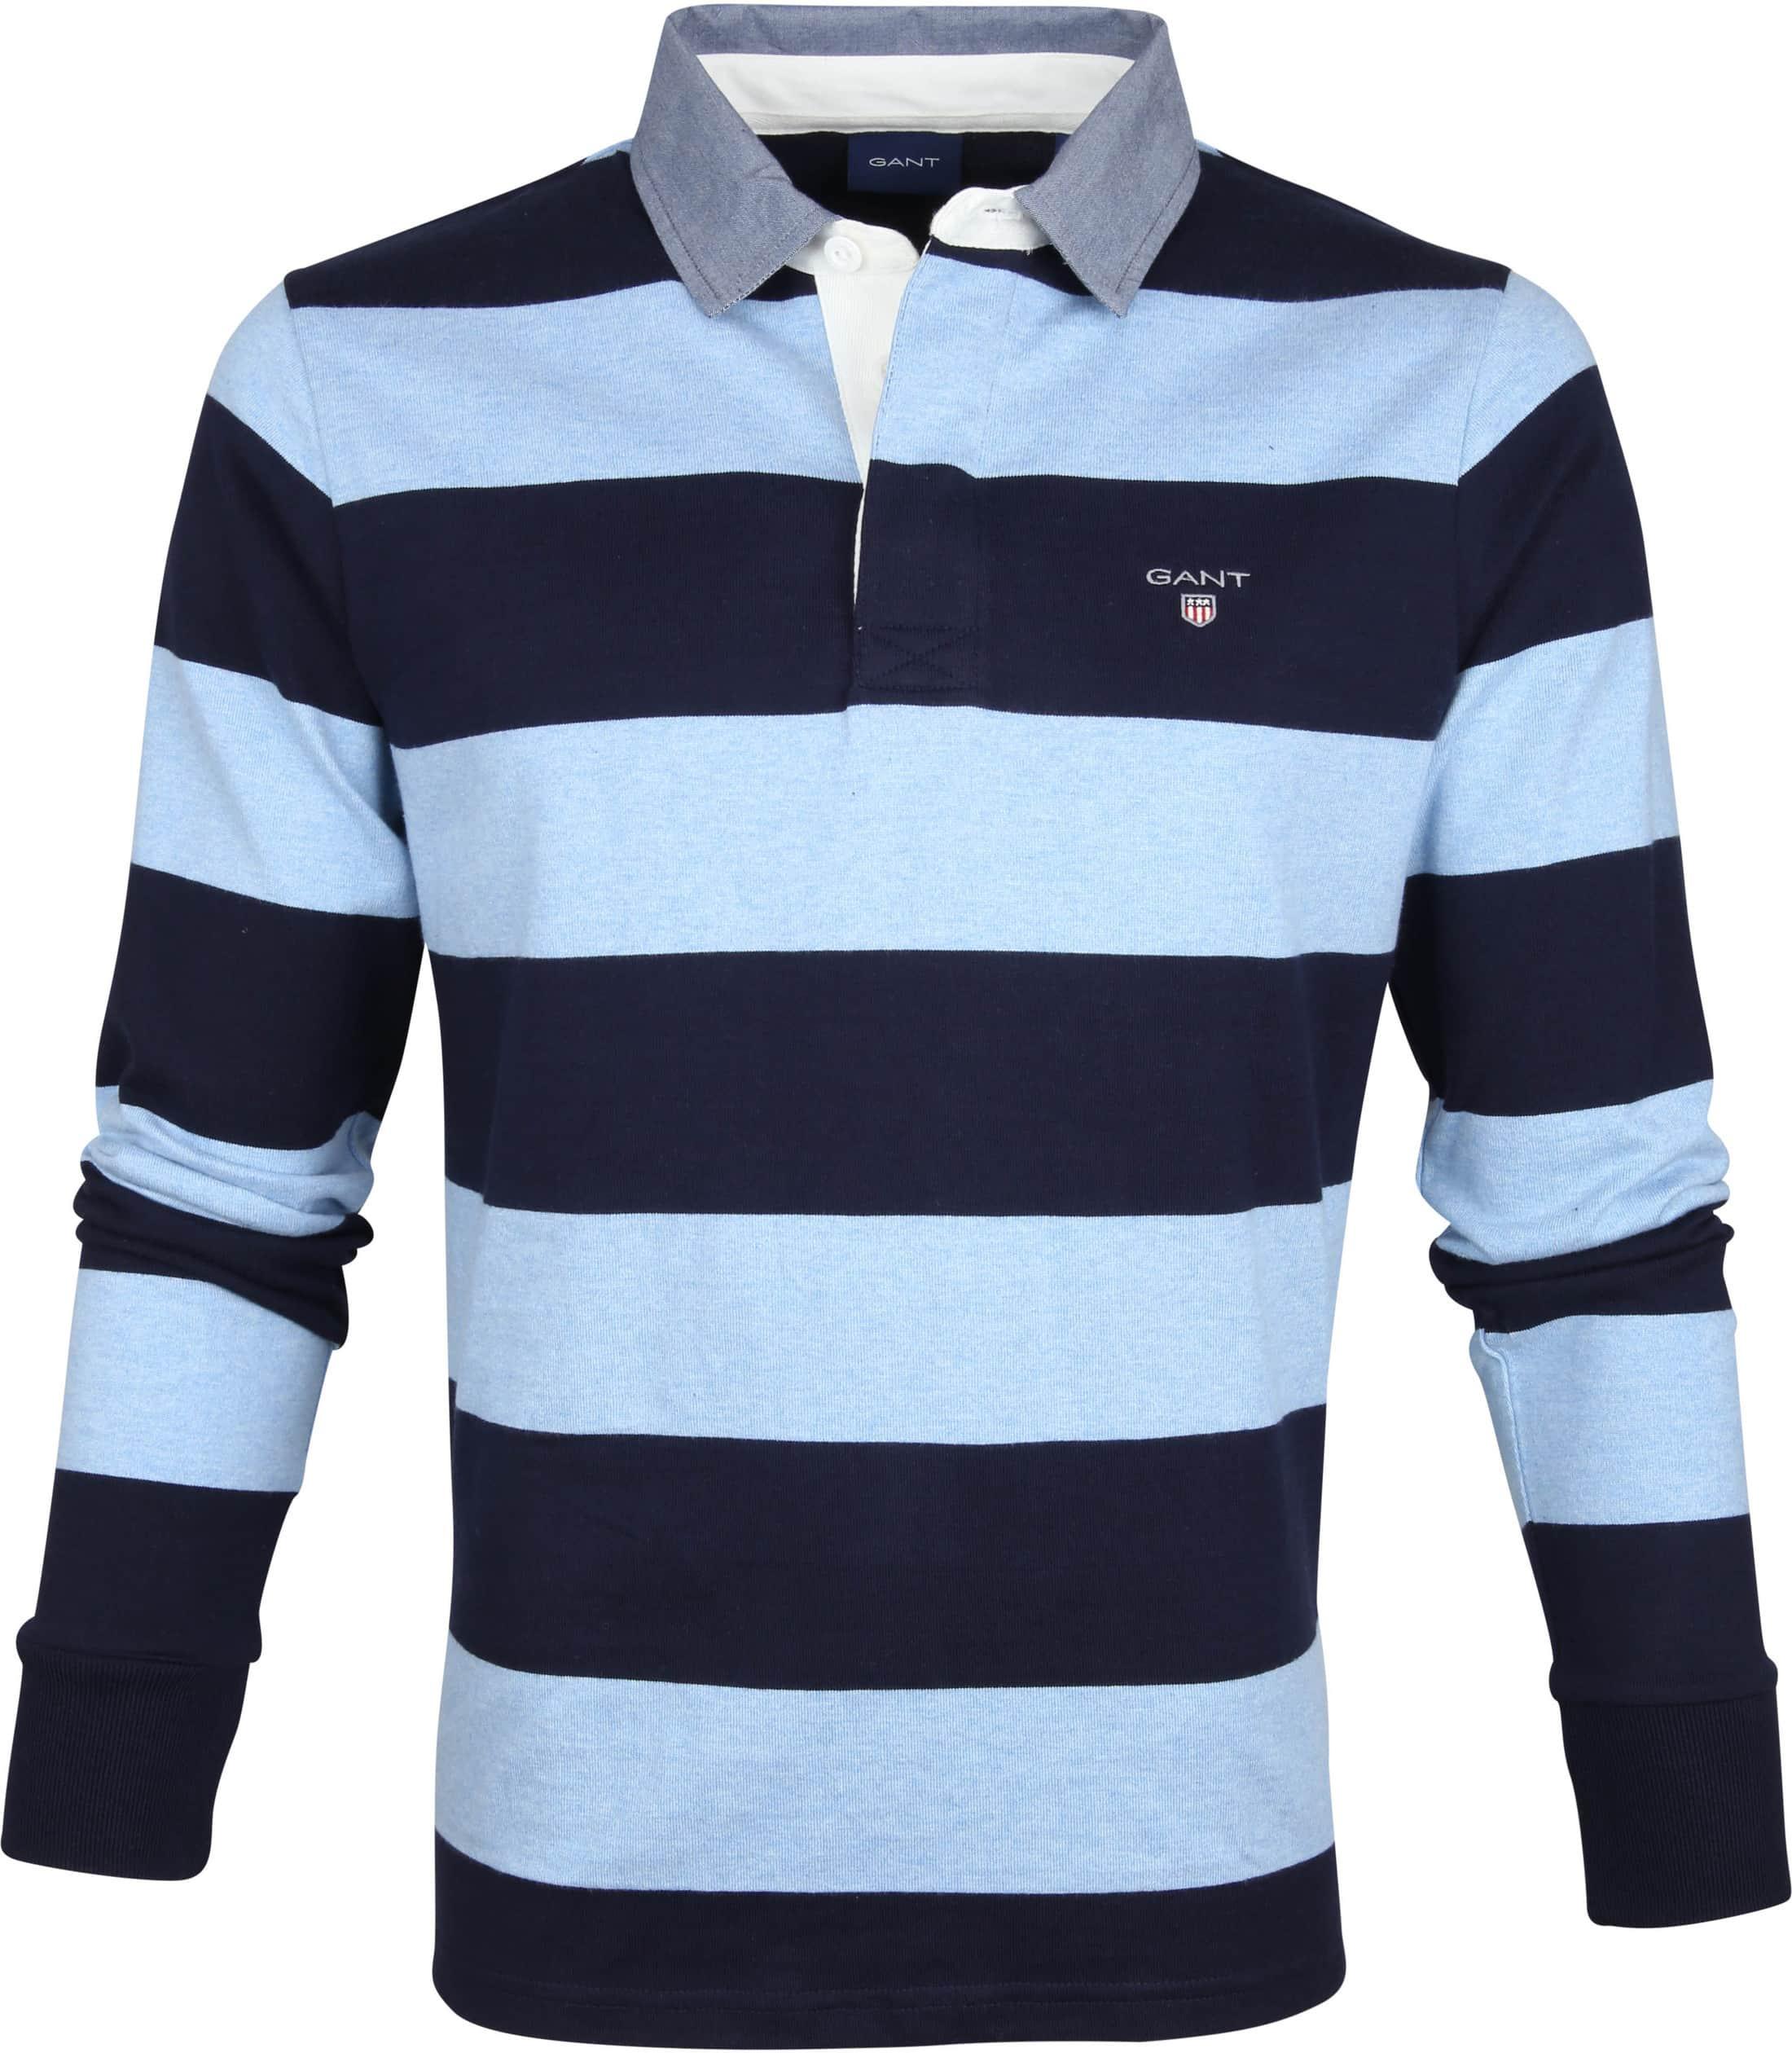 Gant Polo Poloshirt Rugger Blauw Strepen